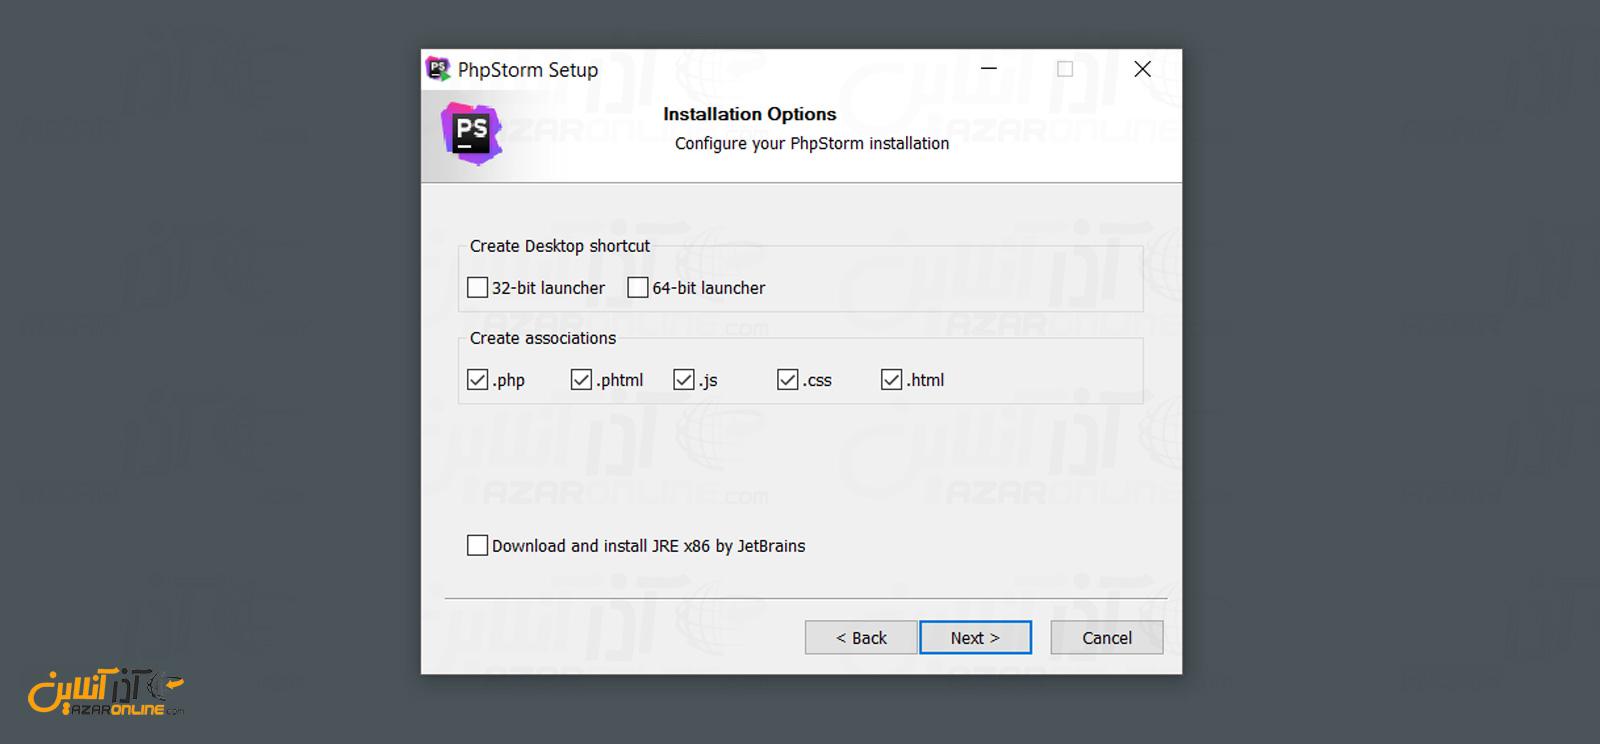 انتخاب انجمن های phpstorm